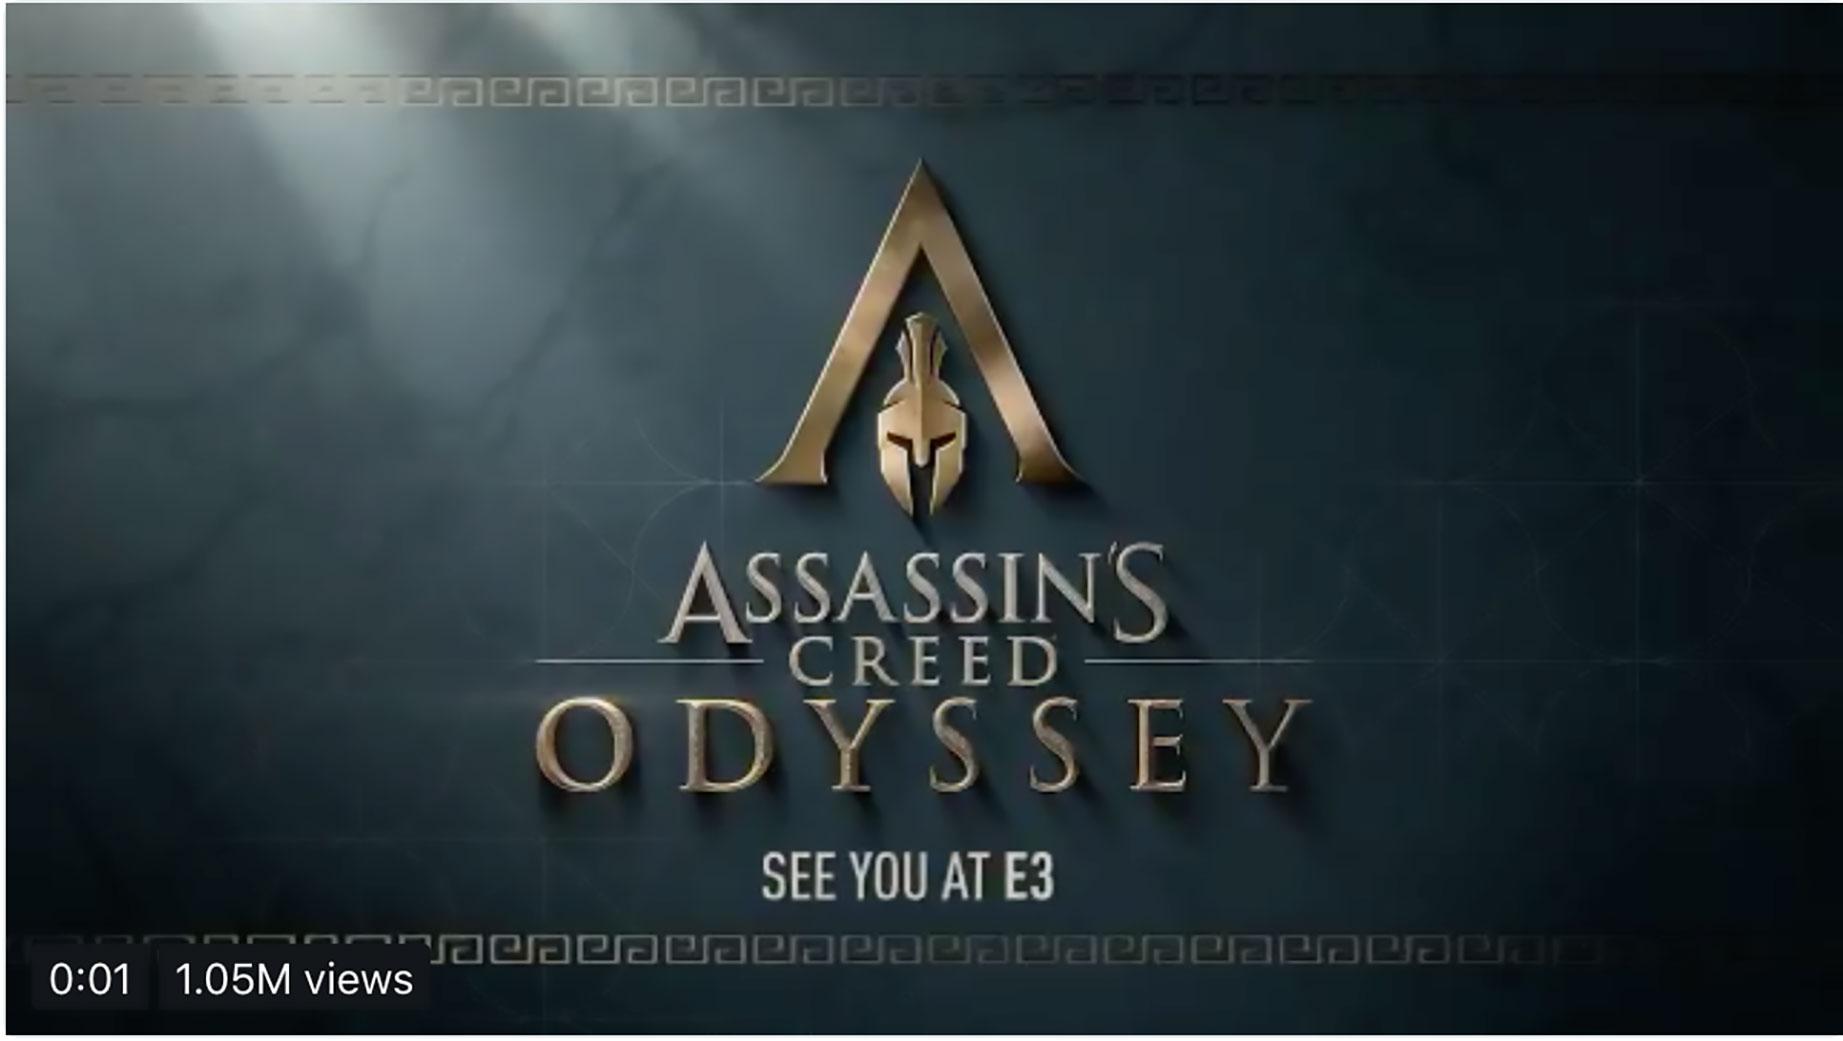 """Die Internet-Gerüchte hatten recht: Ubisoft hat auf Twitter ein im alten Griechenland angesiedeltes """"Assassin's Creed"""" angekündigt. Der passende Untertitel: """"Odyssey"""""""